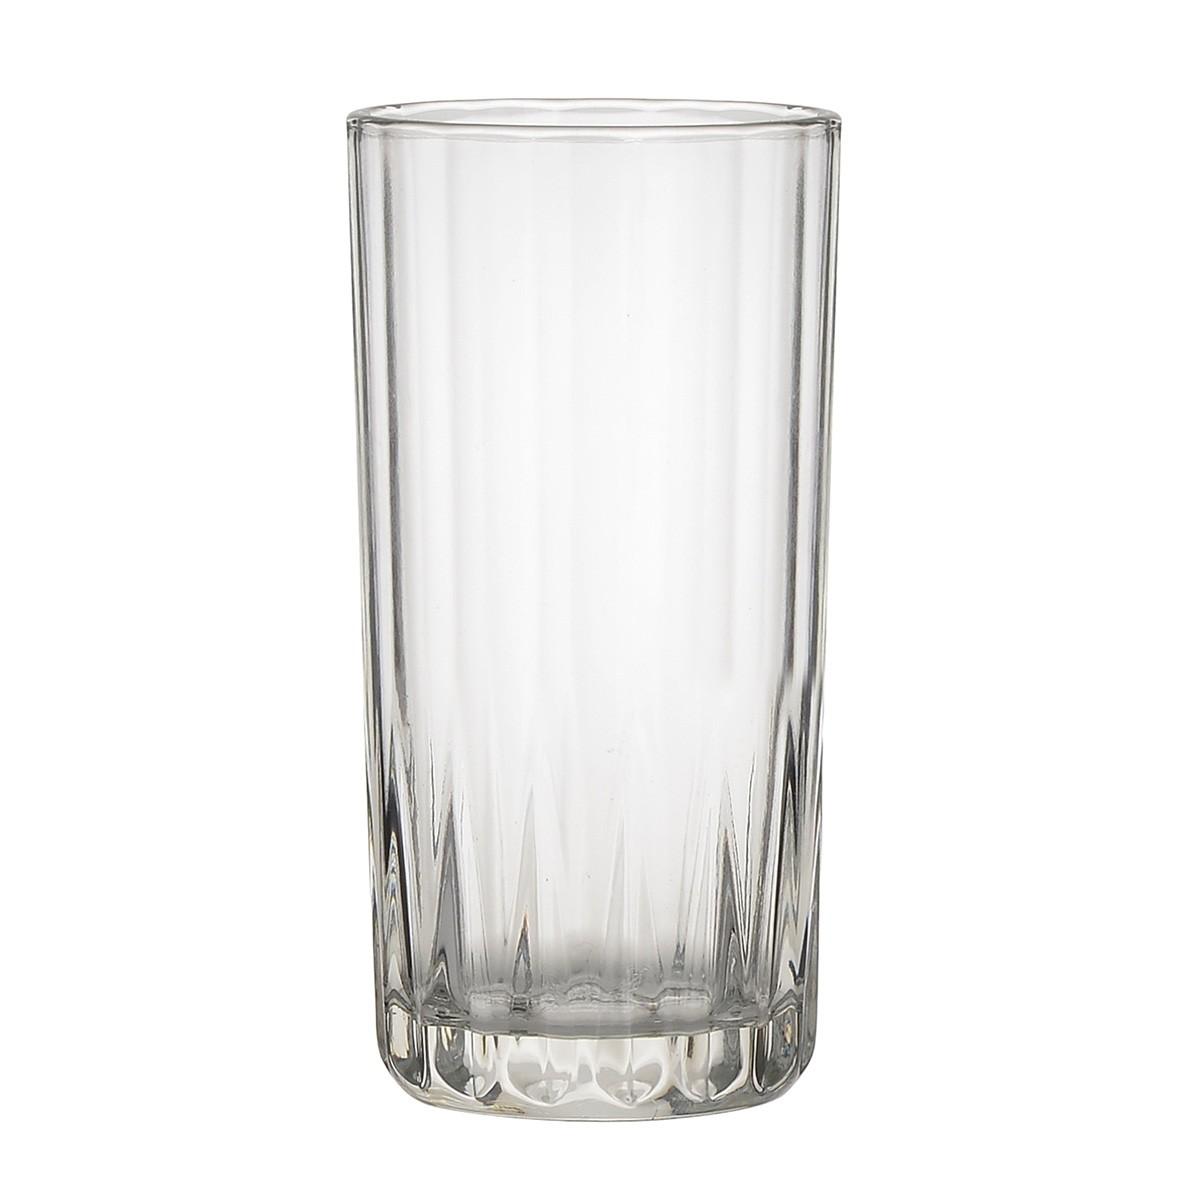 Ποτήρια Νερού (Σετ 6τμχ) CL Solid 6-60-221-0001